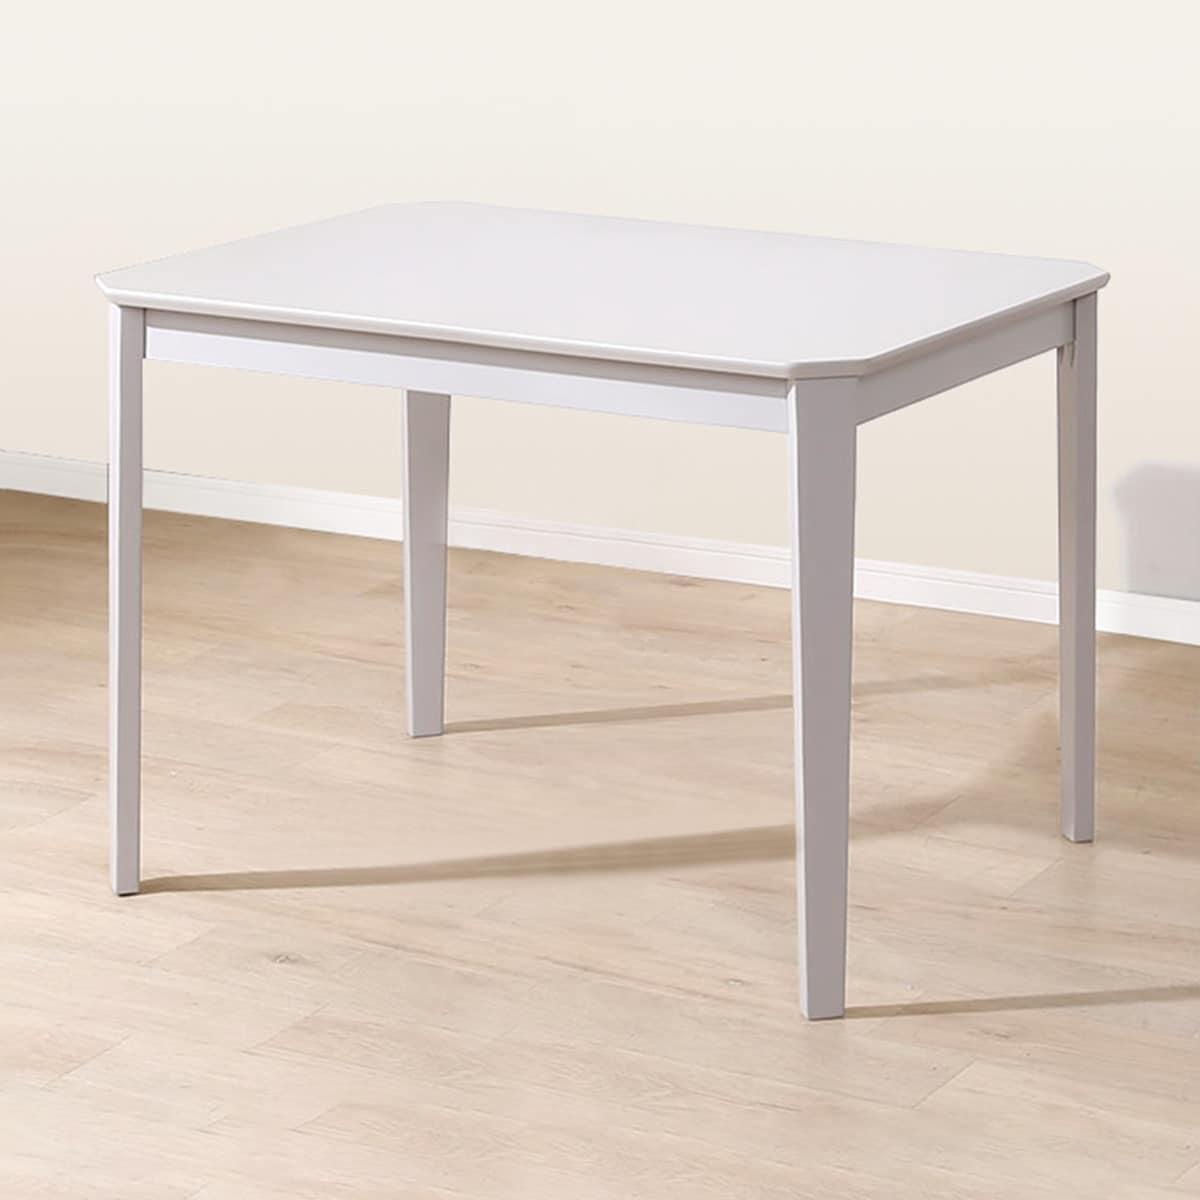 ダイニングテーブル(トーン11075 GY) ニトリ 【玄関先迄納品】 【1年保証】